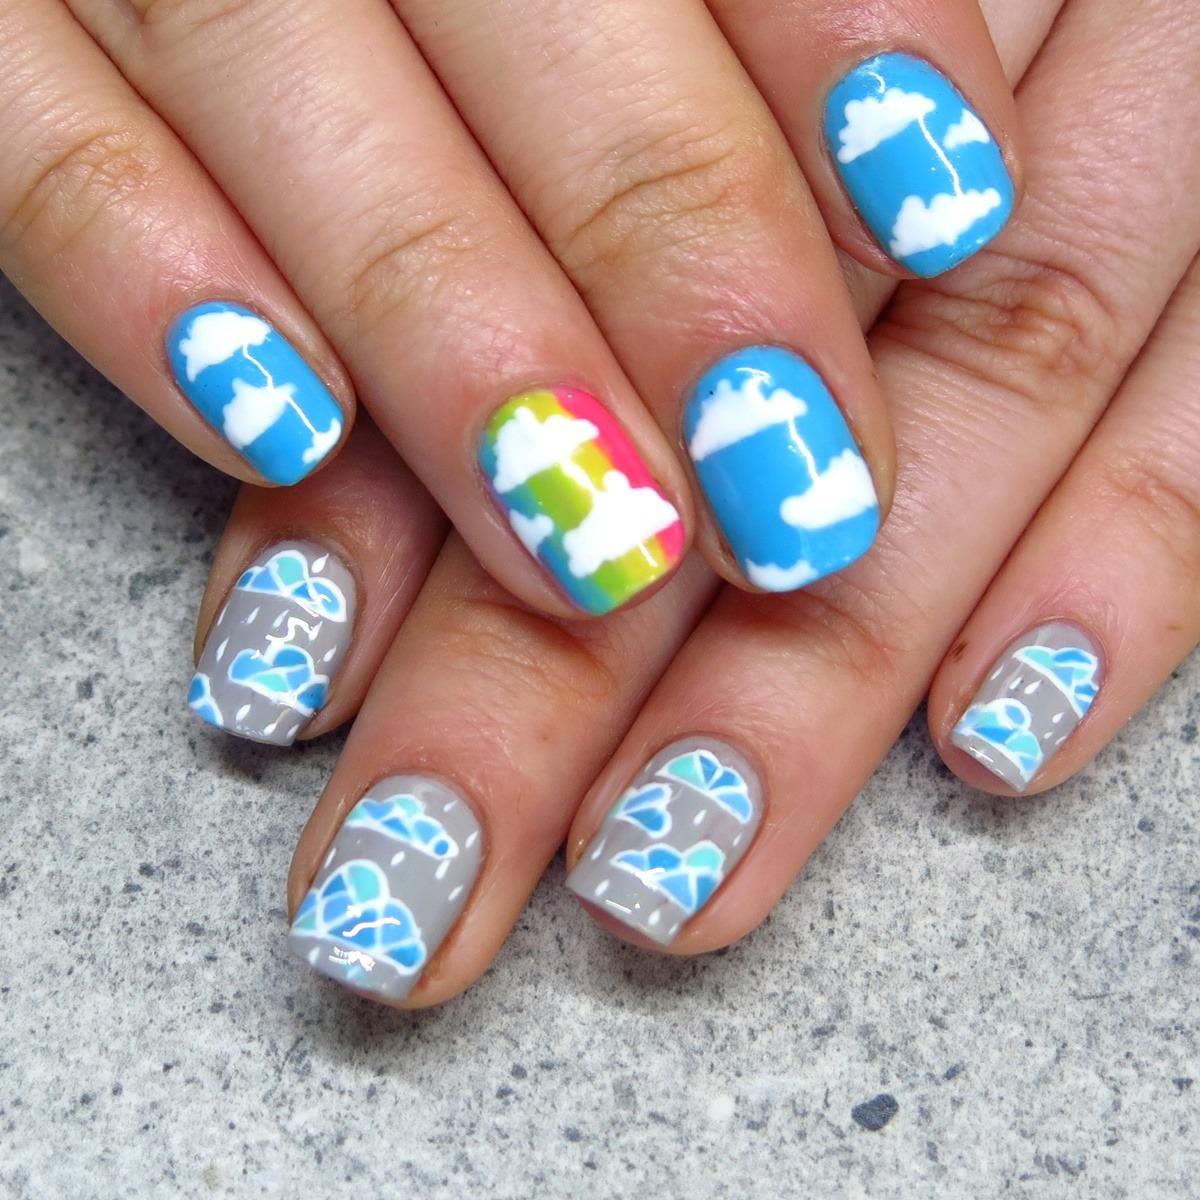 zdobienie paznokci na lato wzory w chmurki i tęczę tęczowe zdobienie stylizacja paznokci na urlop wakacje